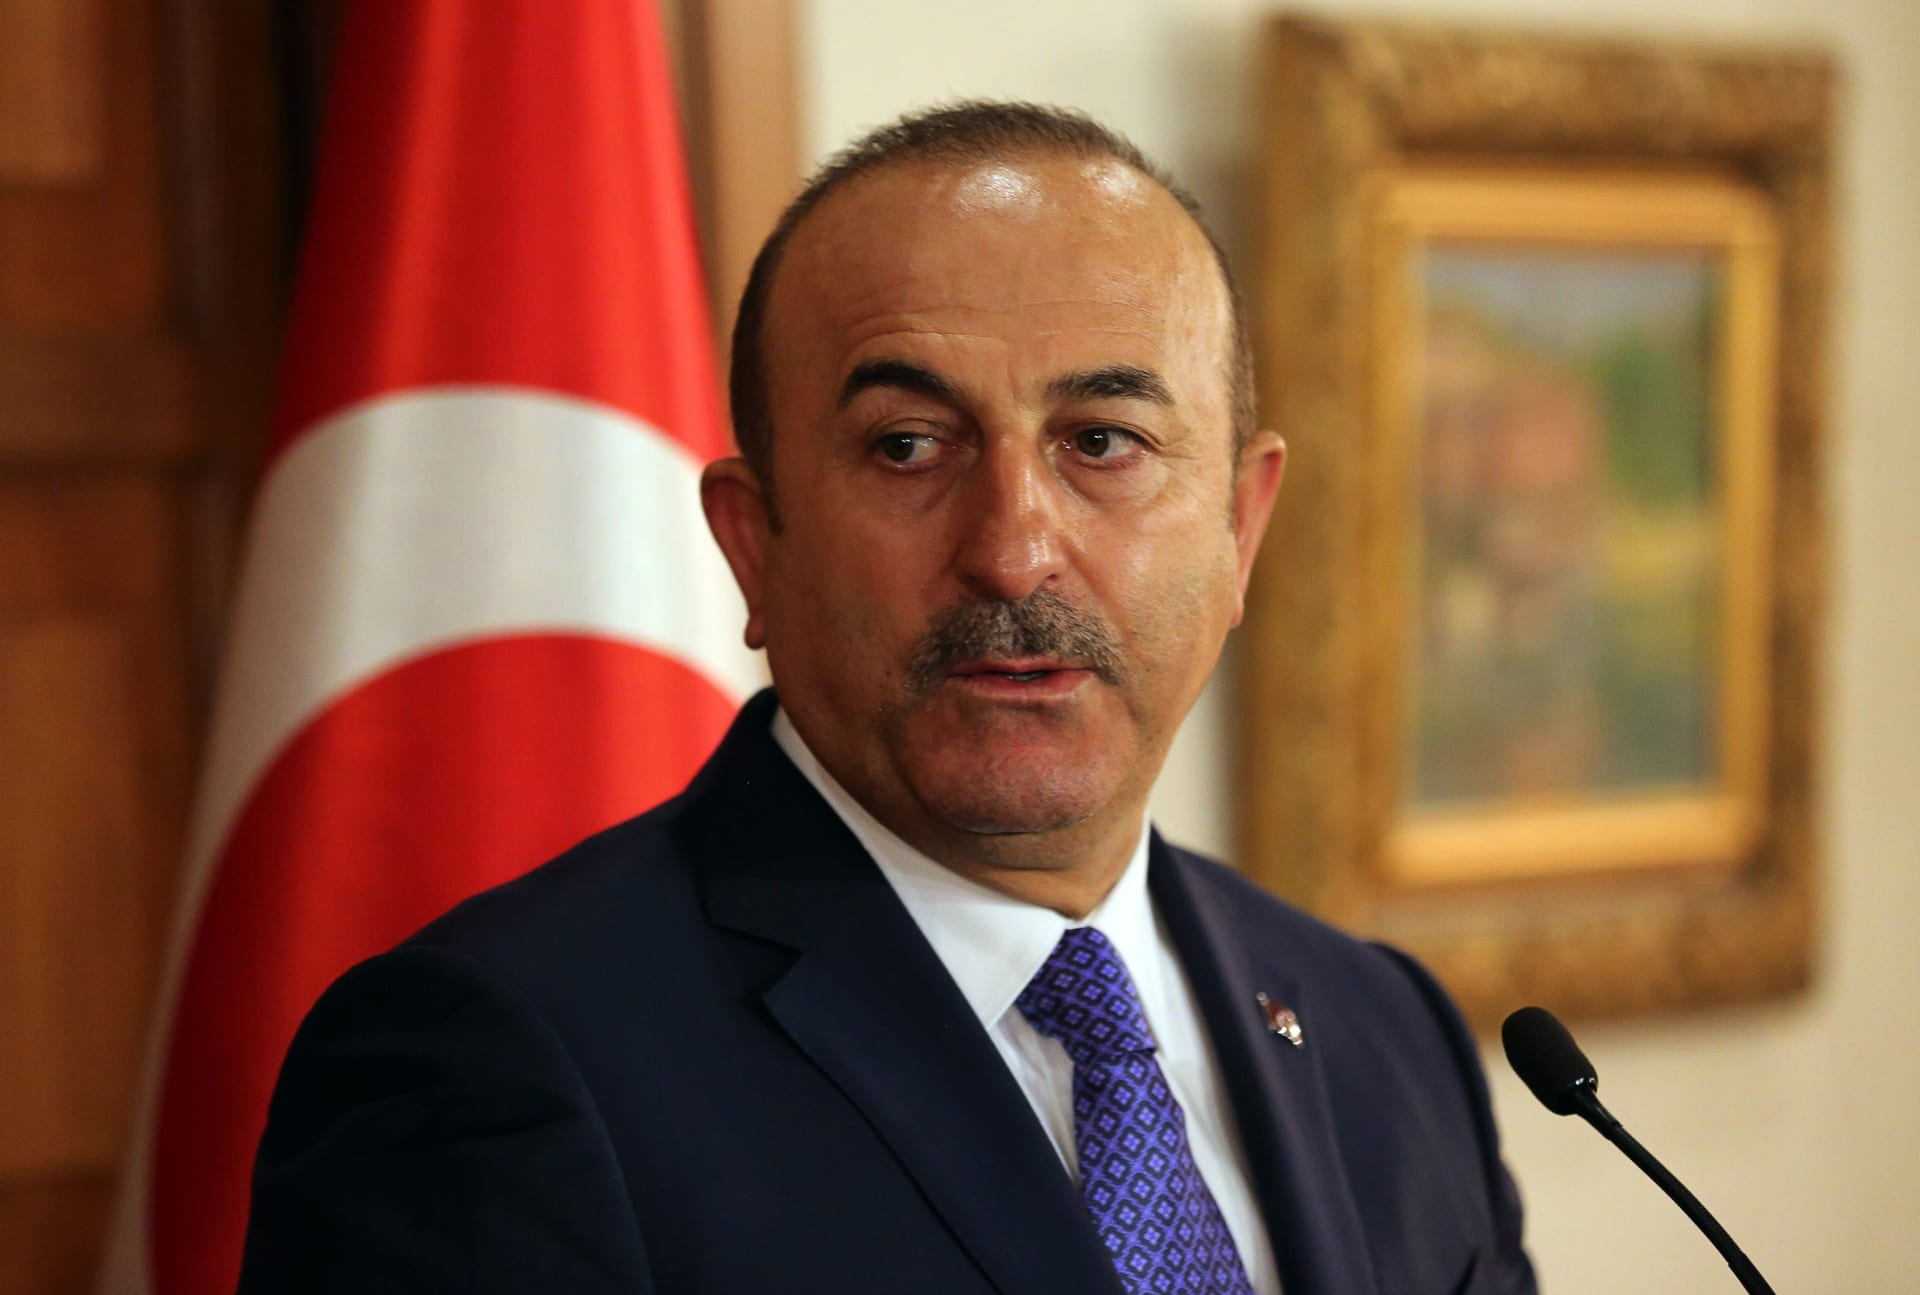 وزير الخارجية التركي: بدأنا الاتصالات مع مصر دون شروط مسبقة.. وسنجري جولة مباحثات دبلوماسية واستخباراتية